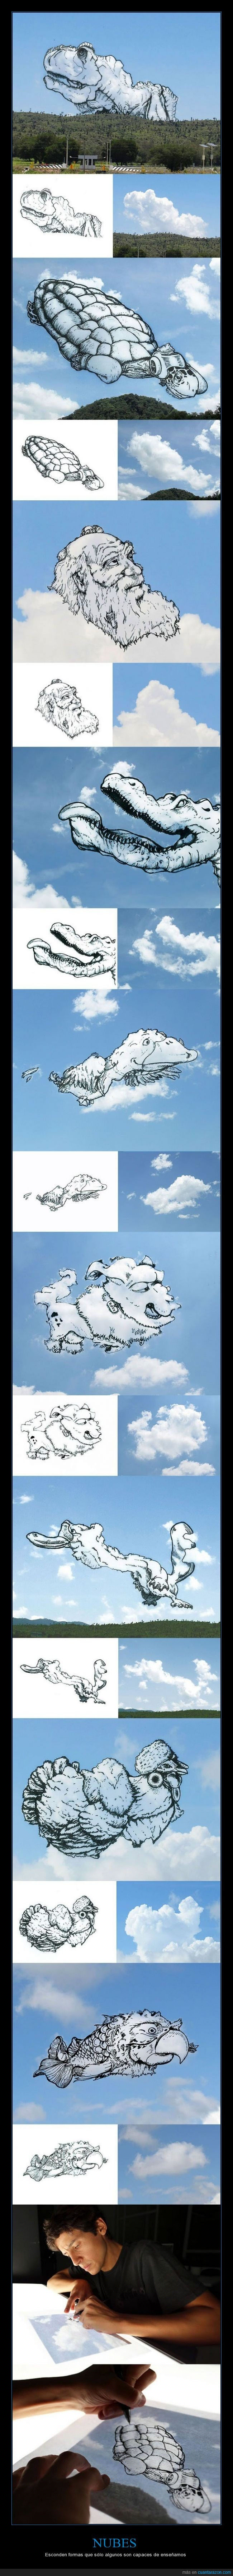 creatividad,dibujos,montadas,nubes,paisaje